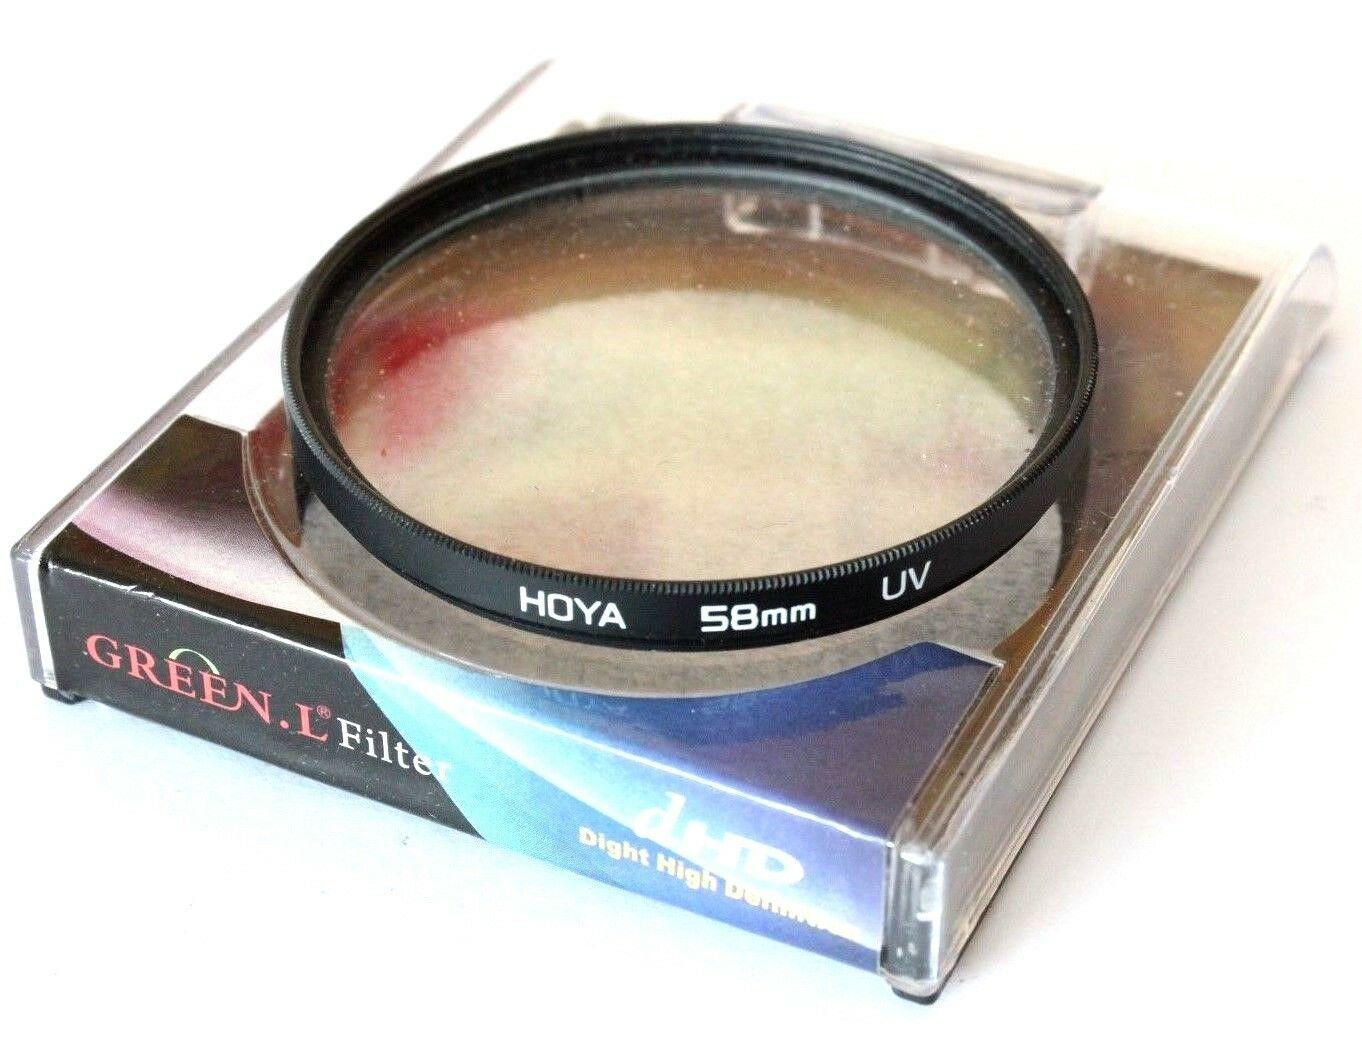 Hoya Digital 58mm UV (Ultra Violet Light) Filter - $10.37